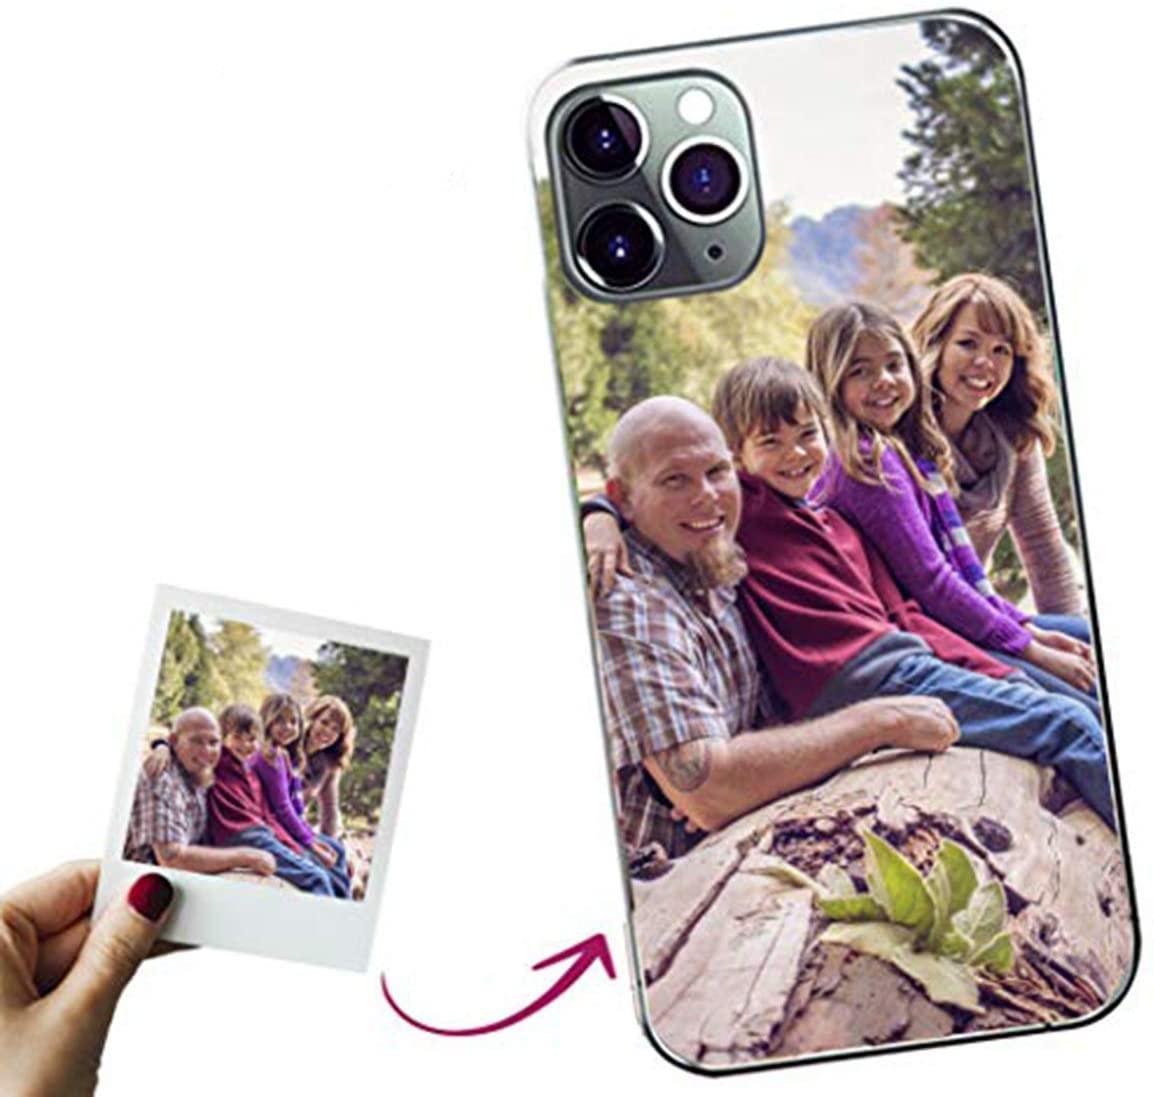 Mookase Funda para iPhone 11 XI Pro Personalizada para TU MÓVIL con Imagen O Texto, Carcasa Personalizable, Gel Flexible, Borde Trasparente, Regalo Original